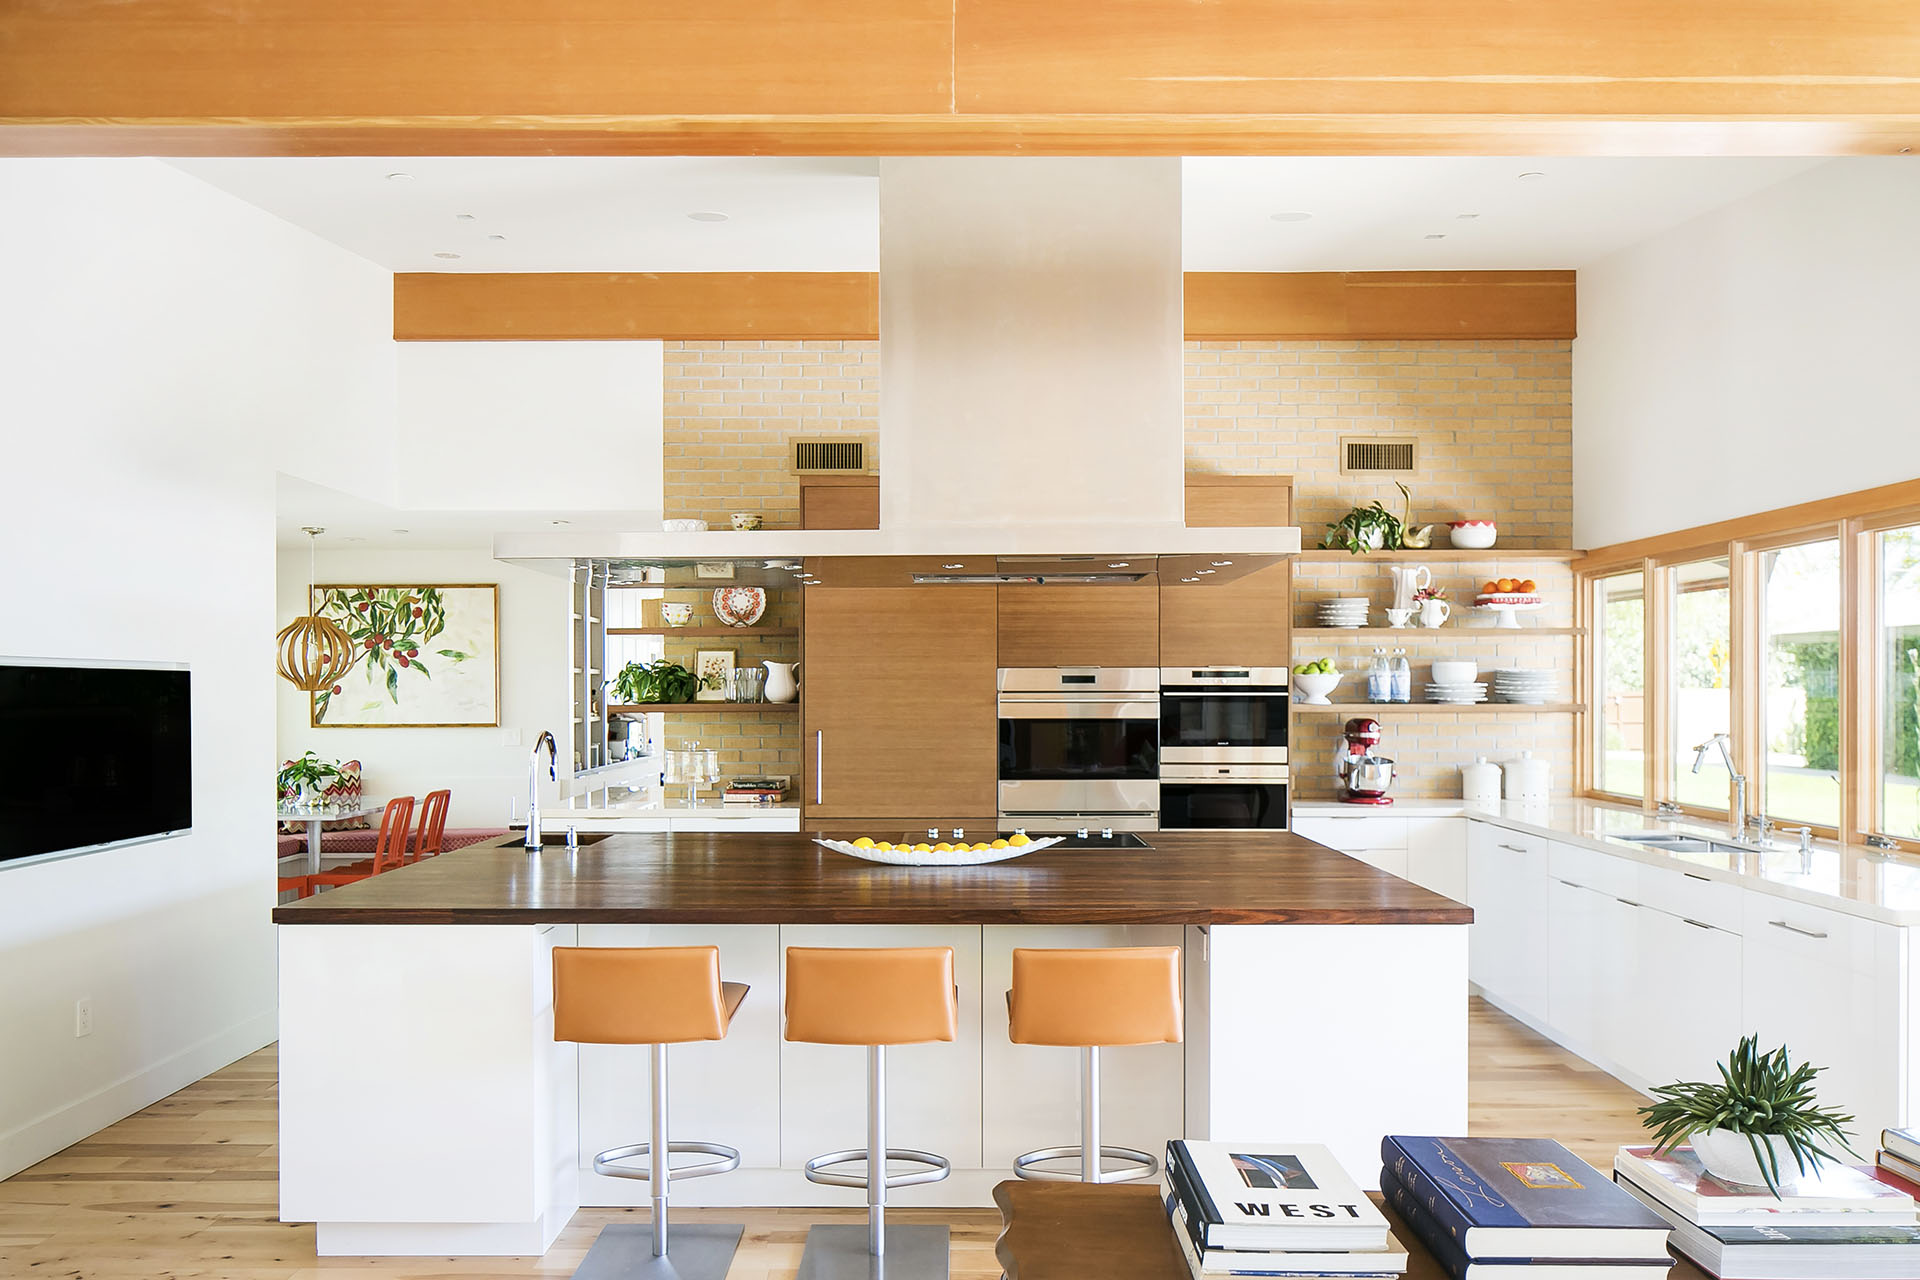 Tracy Lynn Studio Interior Design in San Diego